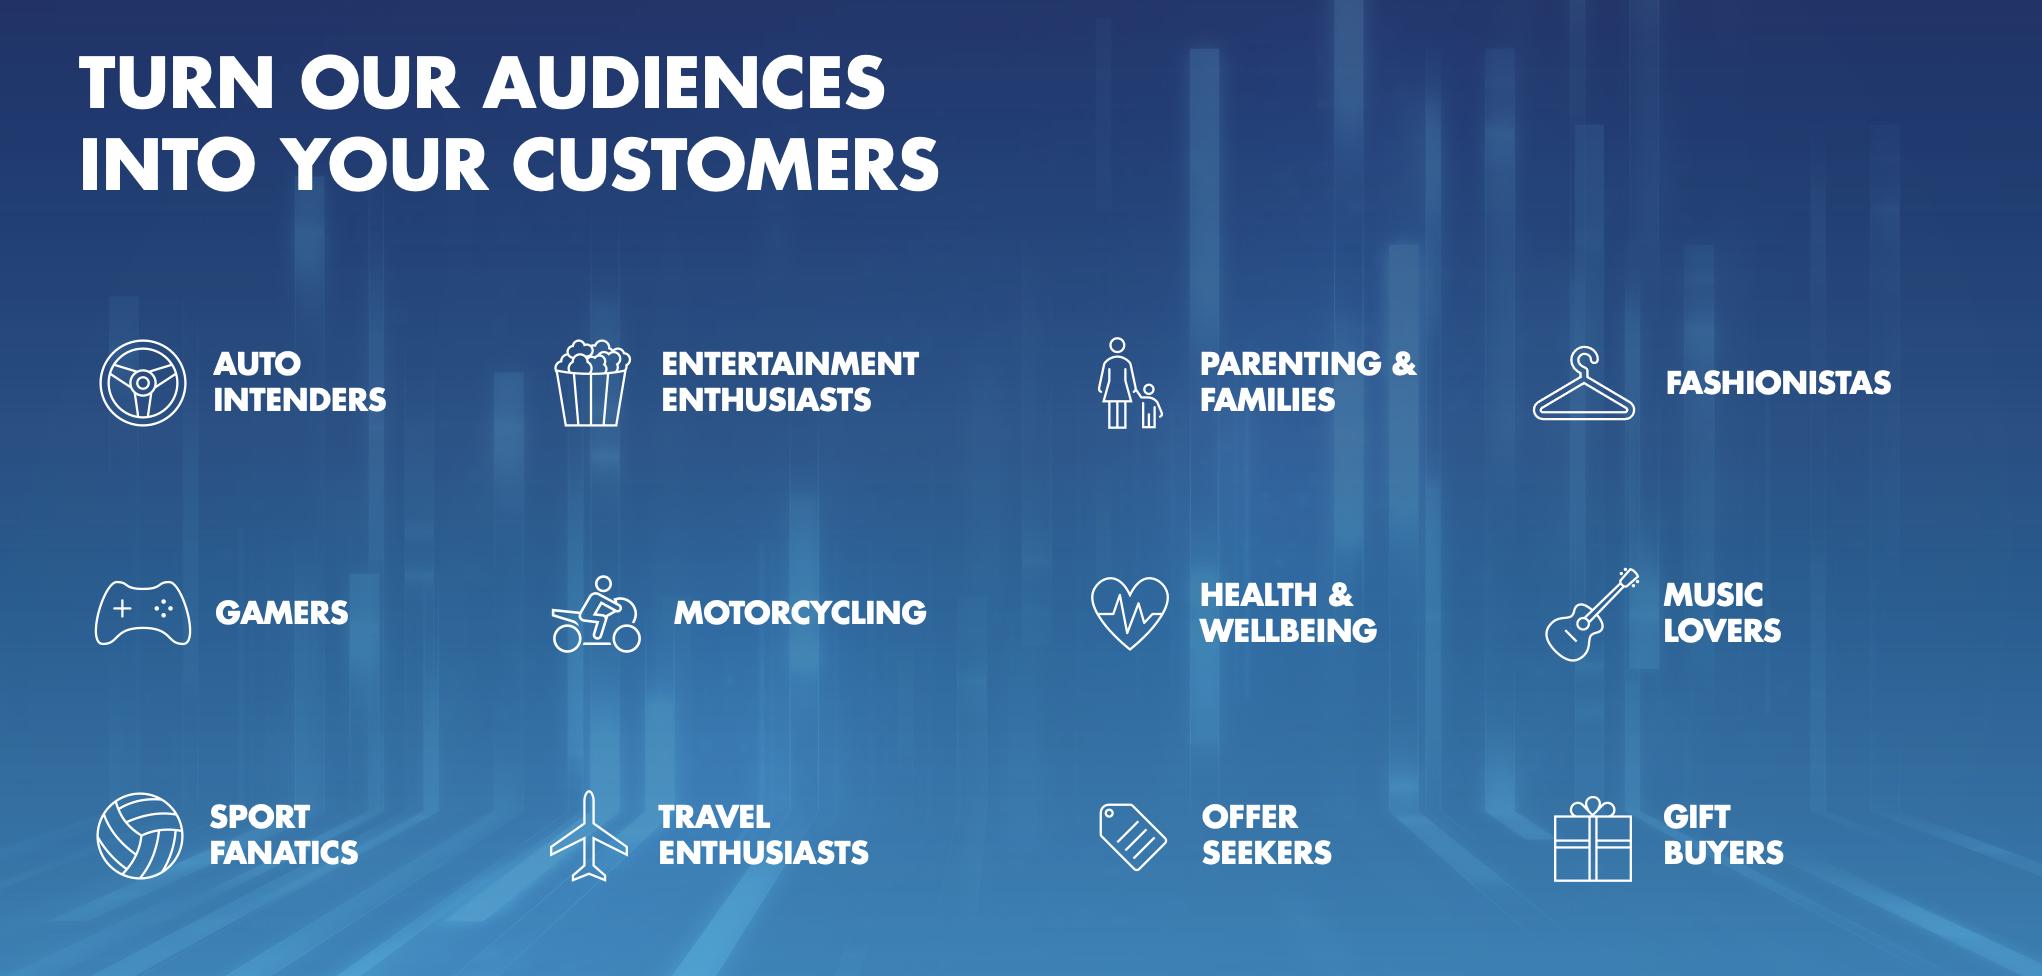 Illuminate audiences